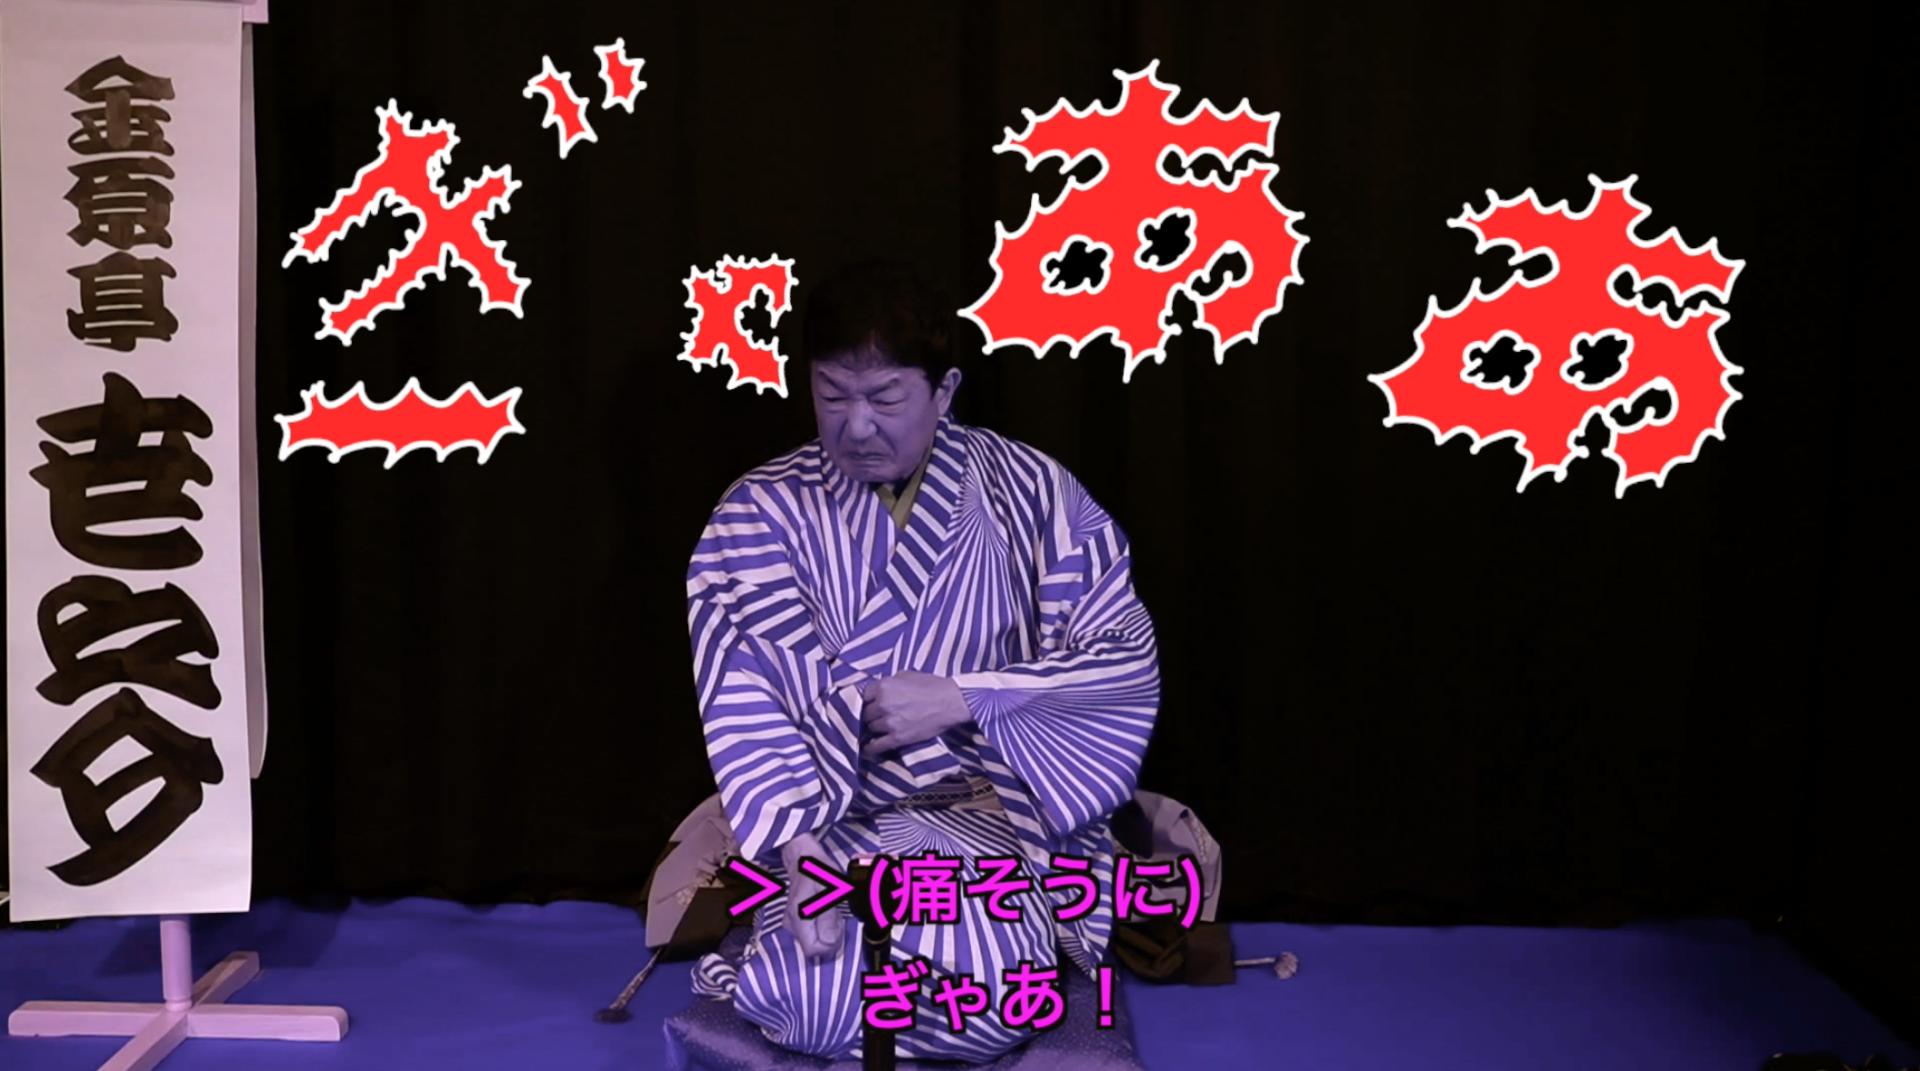 金原亭世之介が舞台で話している。背景に漫画チックな字幕で「ぎゃああ」と表示されている